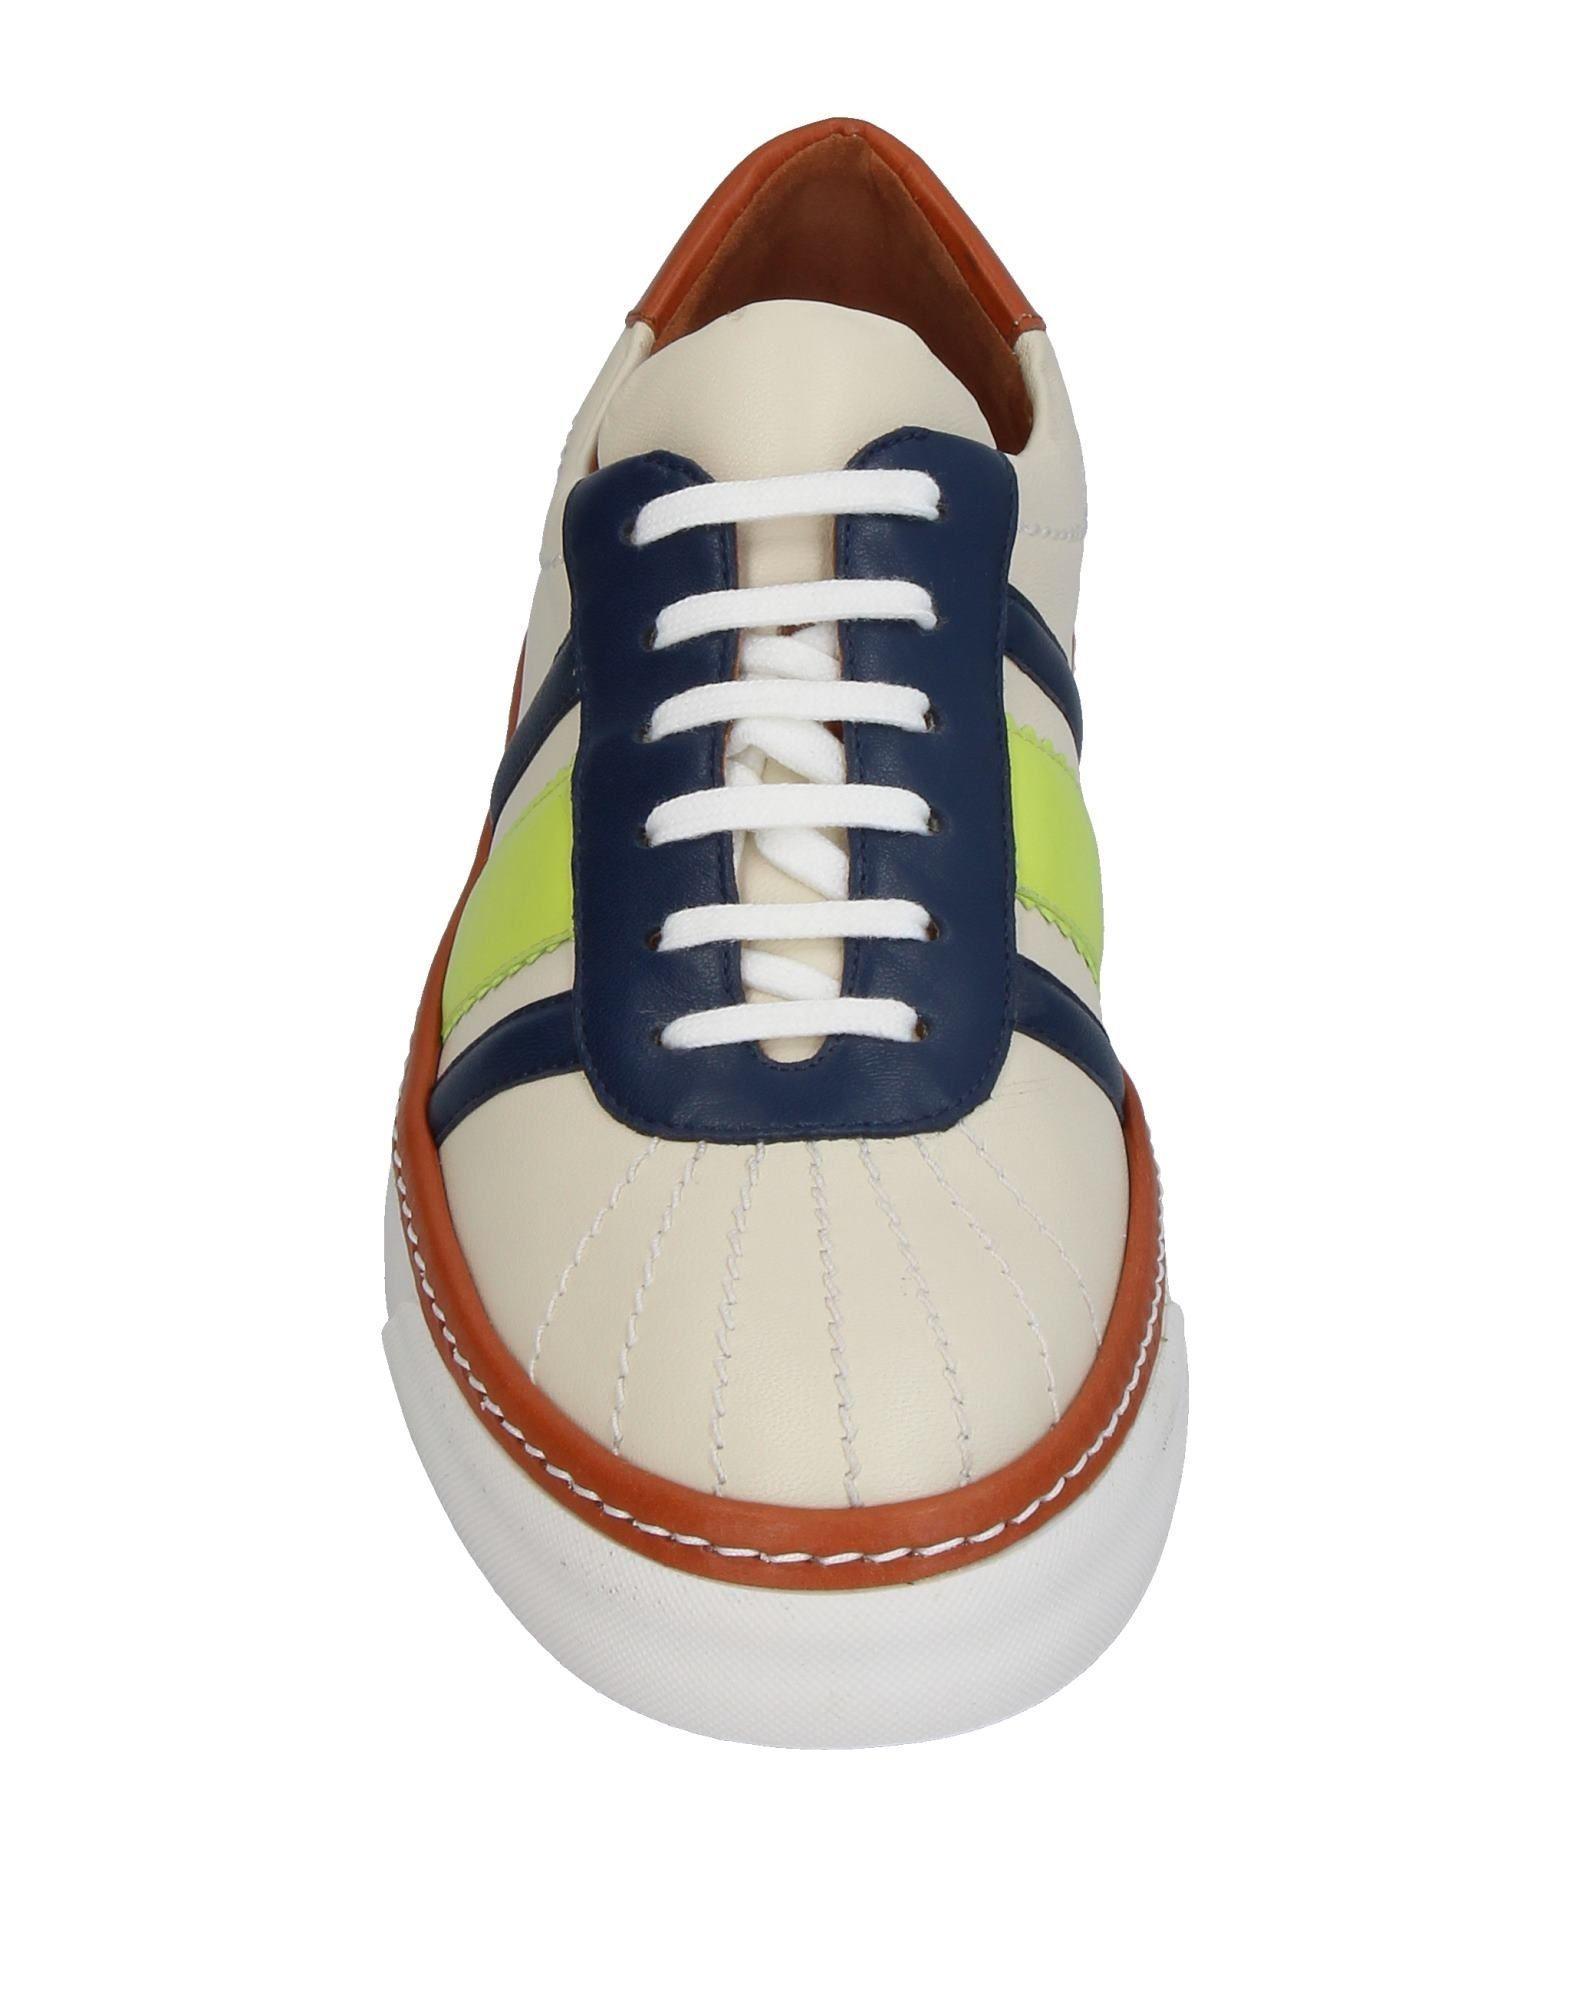 FOOTWEAR - Low-tops & sneakers M Missoni g21v1oe